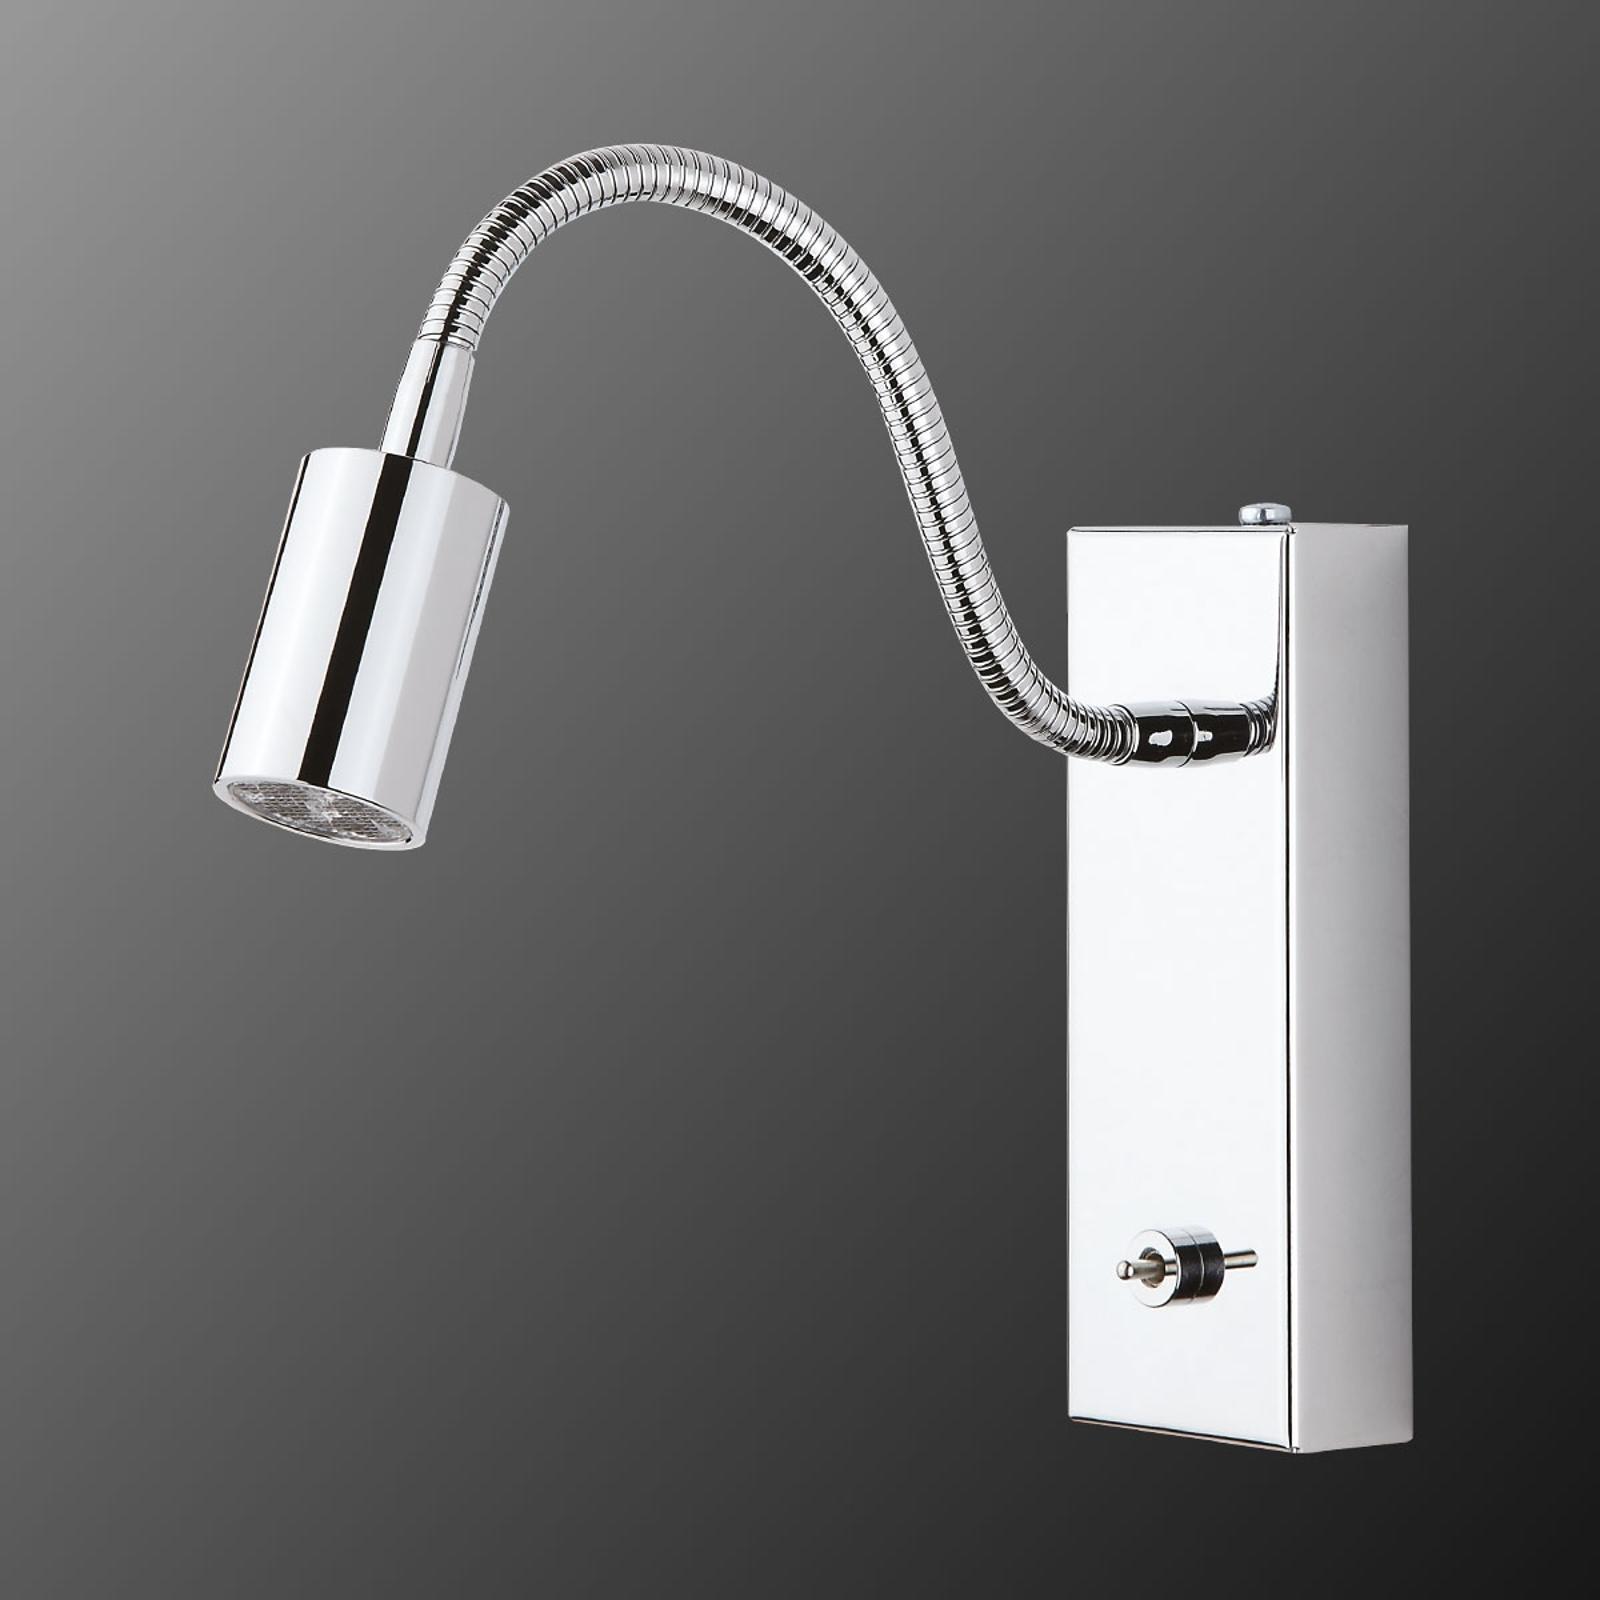 LED-væglampe med kontakt